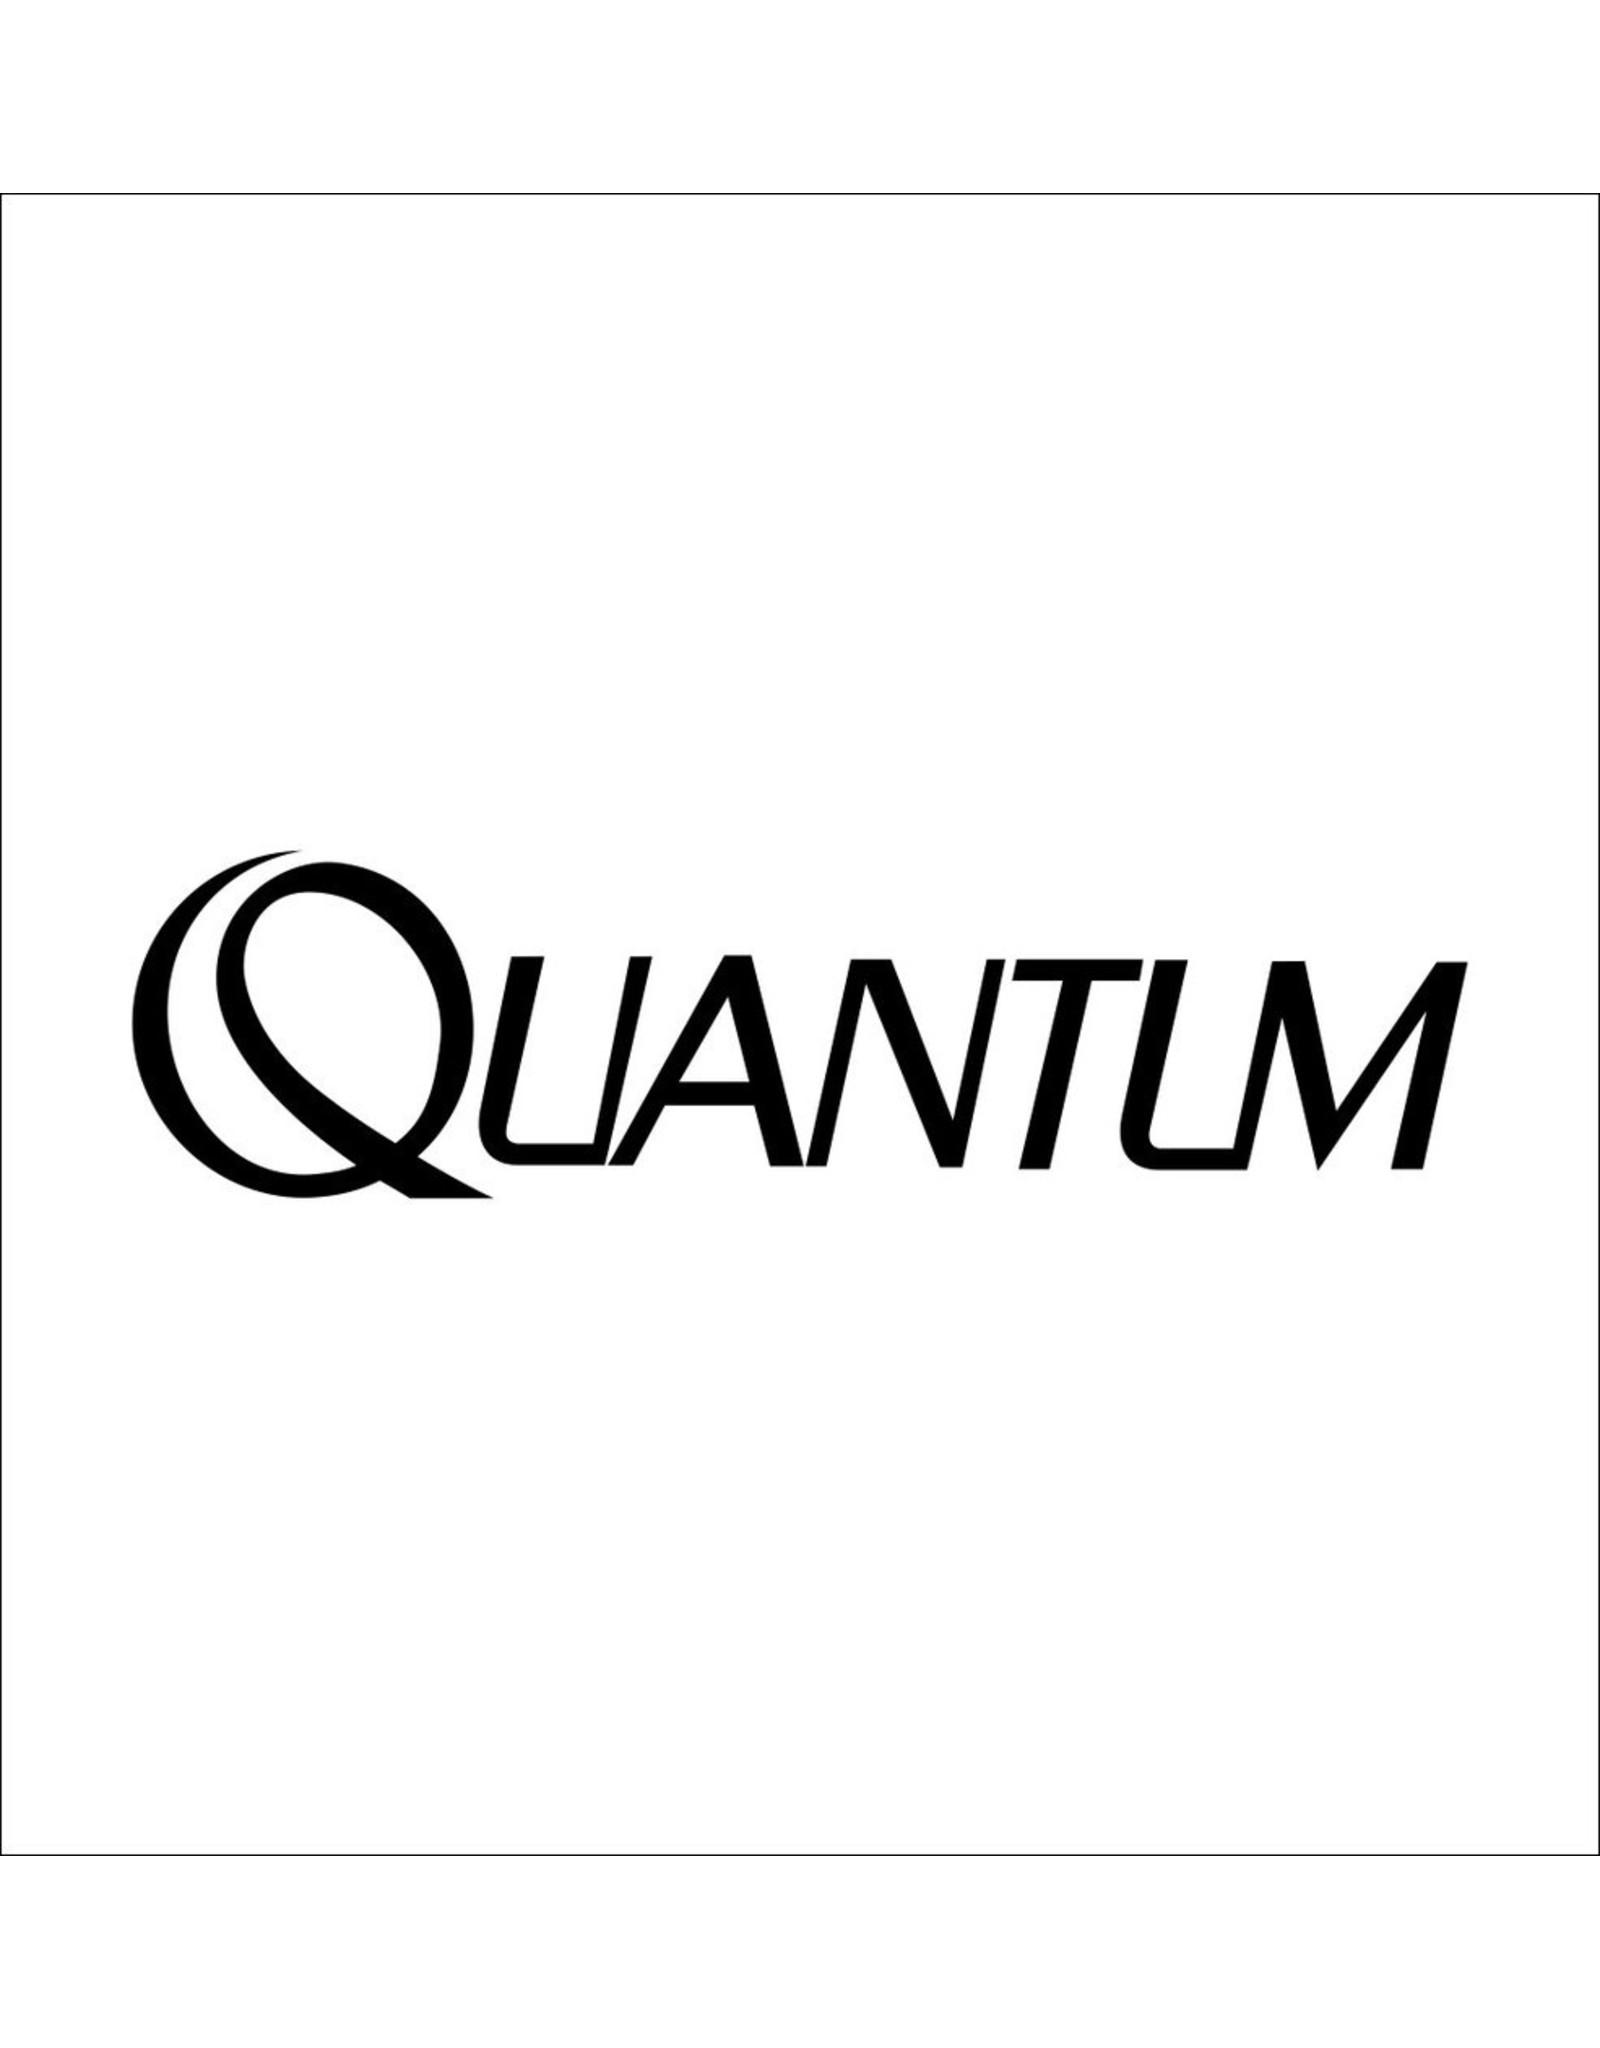 Quantum BACK-COVER